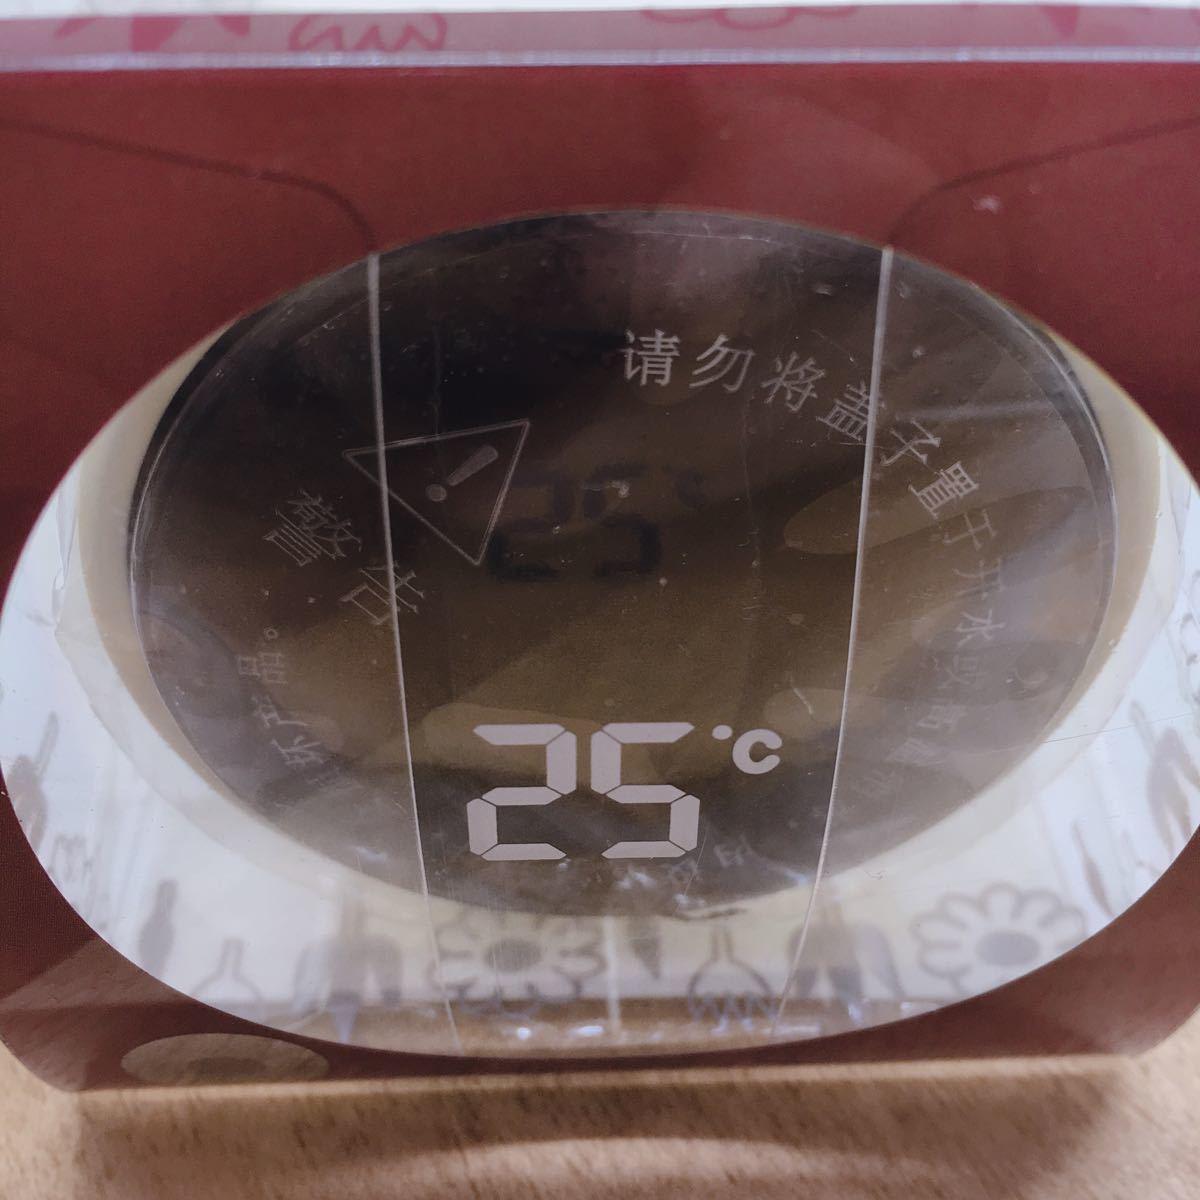 ムーミン 温度表示付 ステンレスボトル マグボトル 集合 アイボリー 保温 保冷 大容量500ml